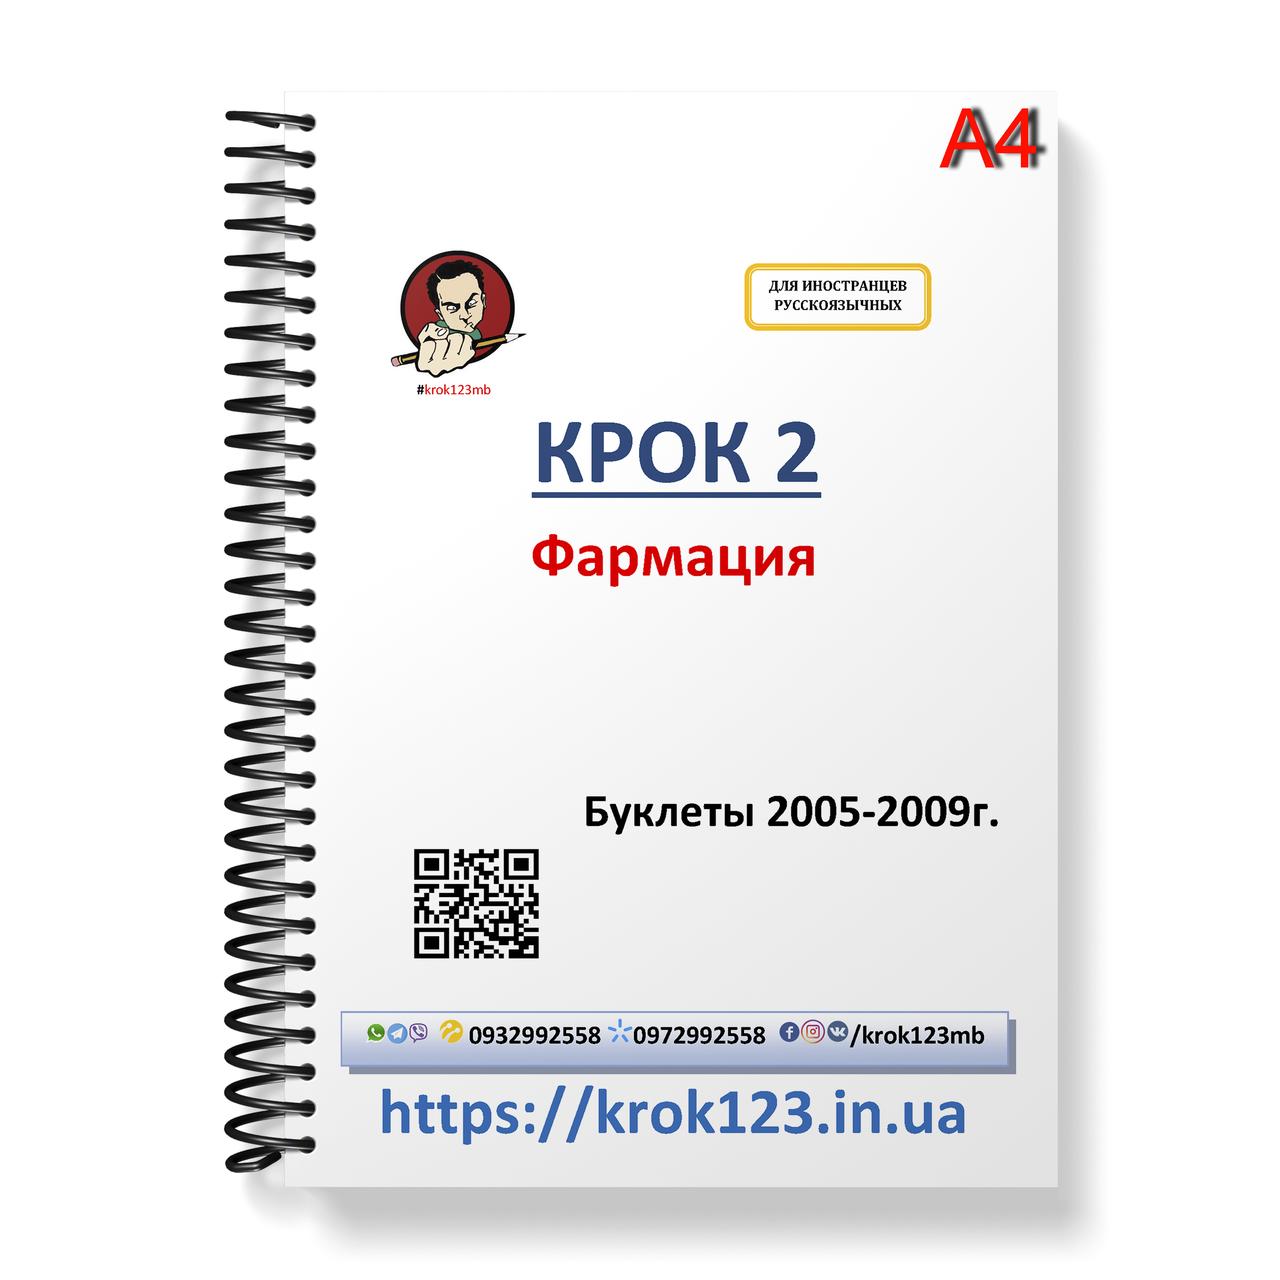 Крок 2. Фармация. Буклеты 2005-2009 . Для иностранцев русскоязычных. Формат А4